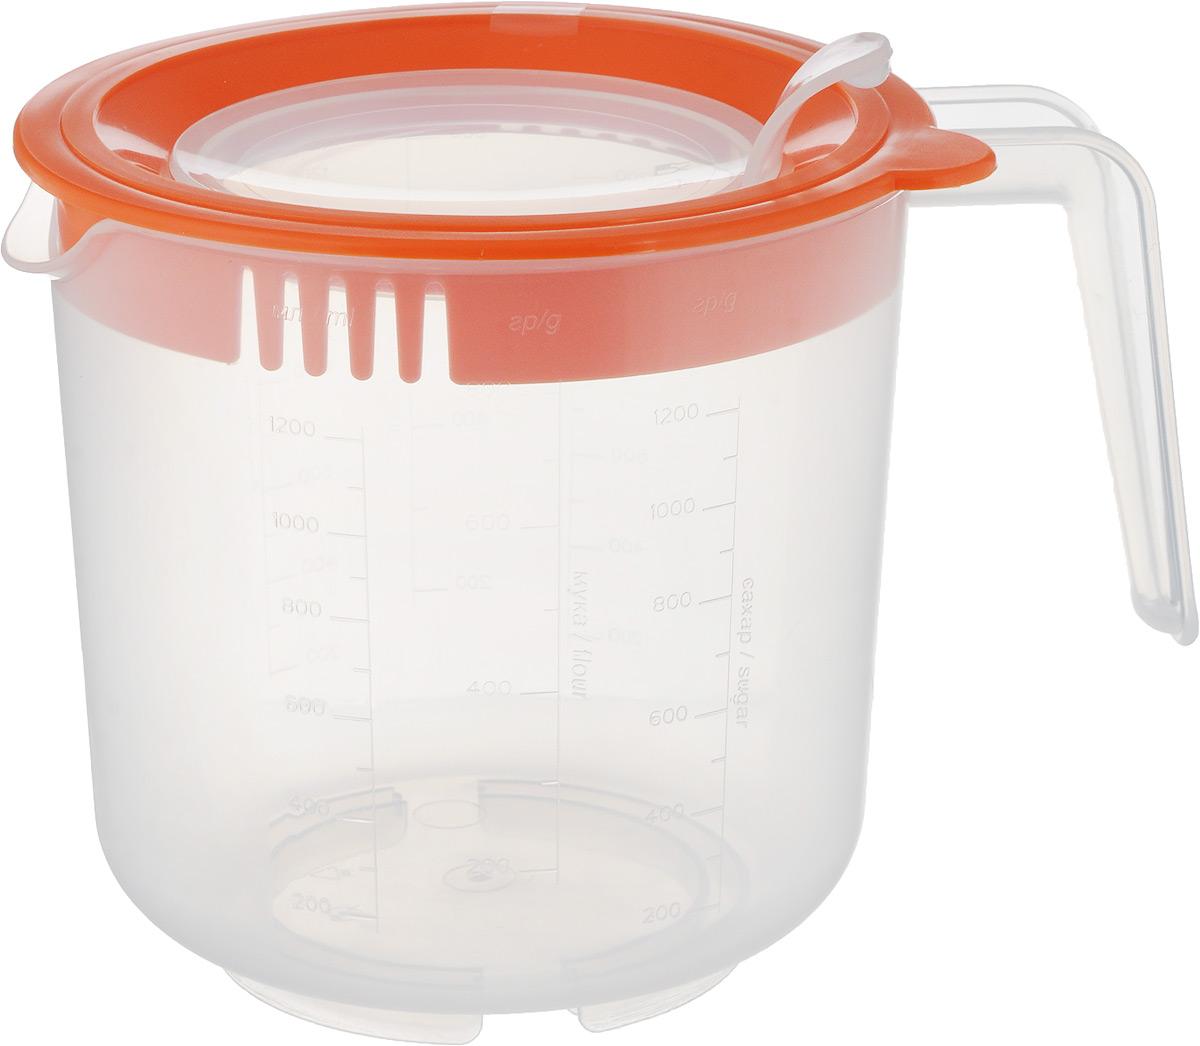 Емкость мерная для взбивания Oursson, цвет: прозрачный, оранжевый, 1,5 лJA1500P/ORМерная емкость Berossi изготовлена из высококачественного плотного пластика и является многофункциональным кухонным приспособлением. С ее помощью можно не только измерять объем помещаемых в нее жидкостей, но и смешивать их, а так же долго сохранять приготовленные соки, пюре, коктейли. Жесткое основание придает емкости дополнительную устойчивость. В емкости можно перемешивать и взбивать продукты при помощи погружного блендера или миксера. При этом бортики защищают от брызг пространство вокруг емкости. Широкое горлышко банки позволят без труда вымыть изделие. Можно мыть в посудомоечной машине. Диаметр емкости по верхнему краю (без учета носика и ручки): 14 см. Диаметр отверстия в крышке: 9 см. Высота банки (с учетом крышки): 14 см. Объем: 1,5 л.